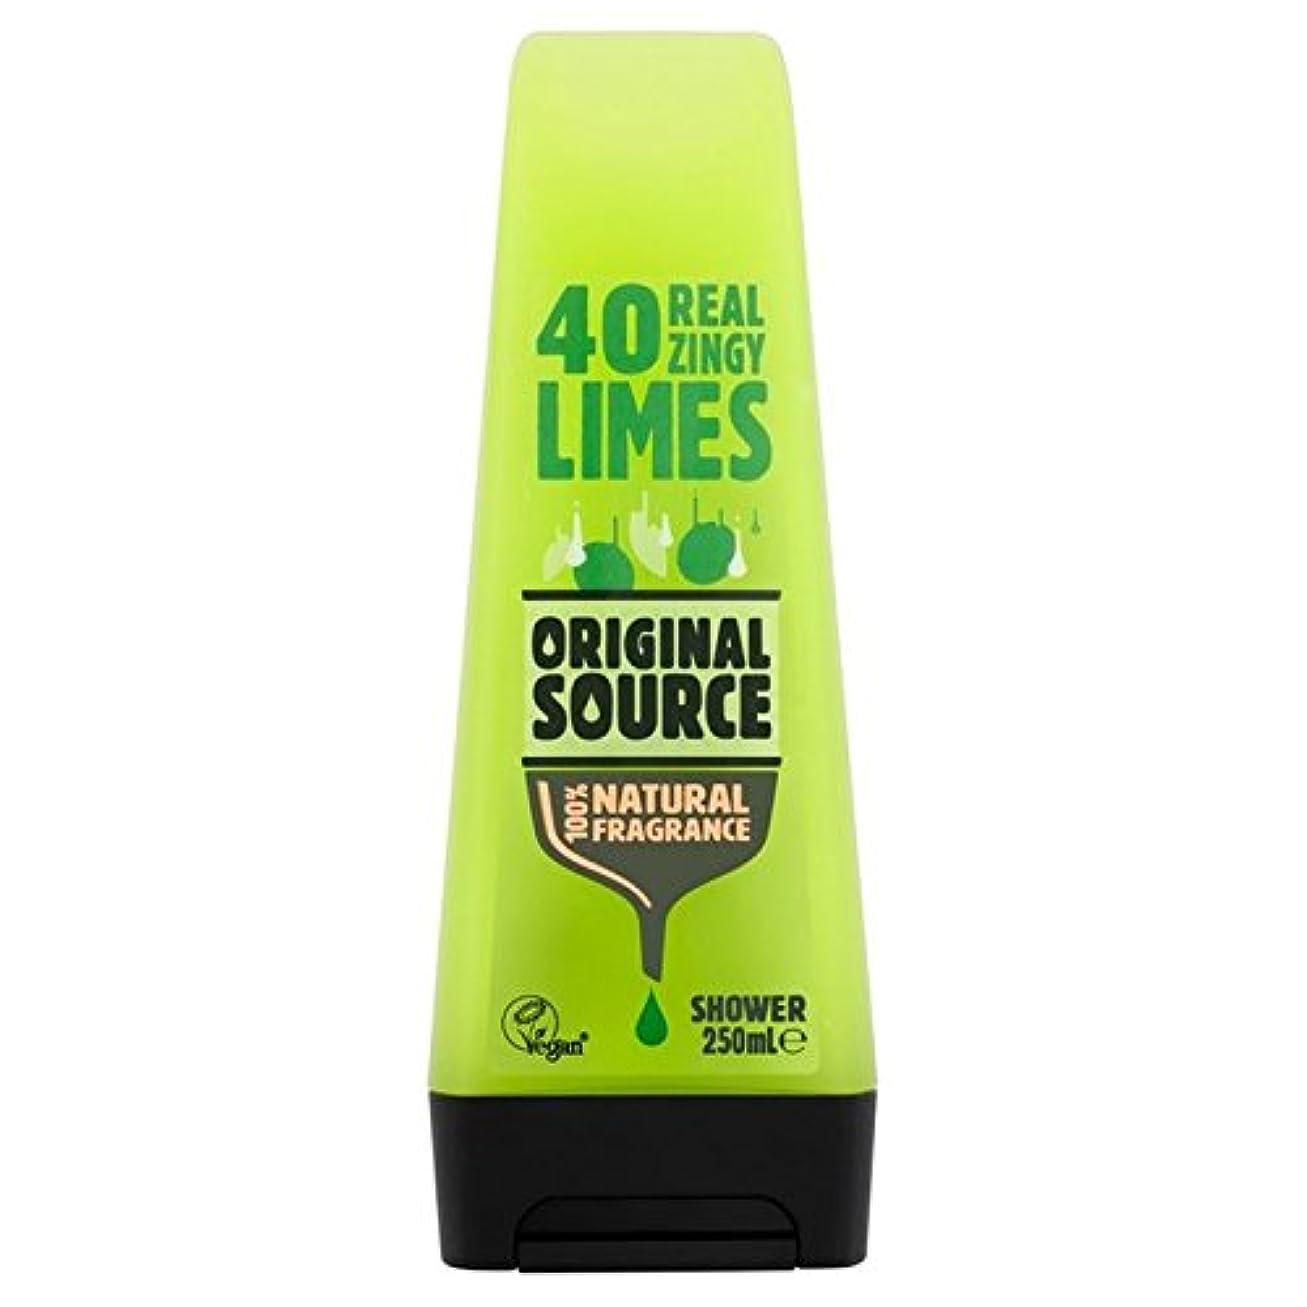 衝動石炭オーロックOriginal Source Lime Shower Gel 250ml (Pack of 6) - 元のソースライムシャワージェル250ミリリットル x6 [並行輸入品]